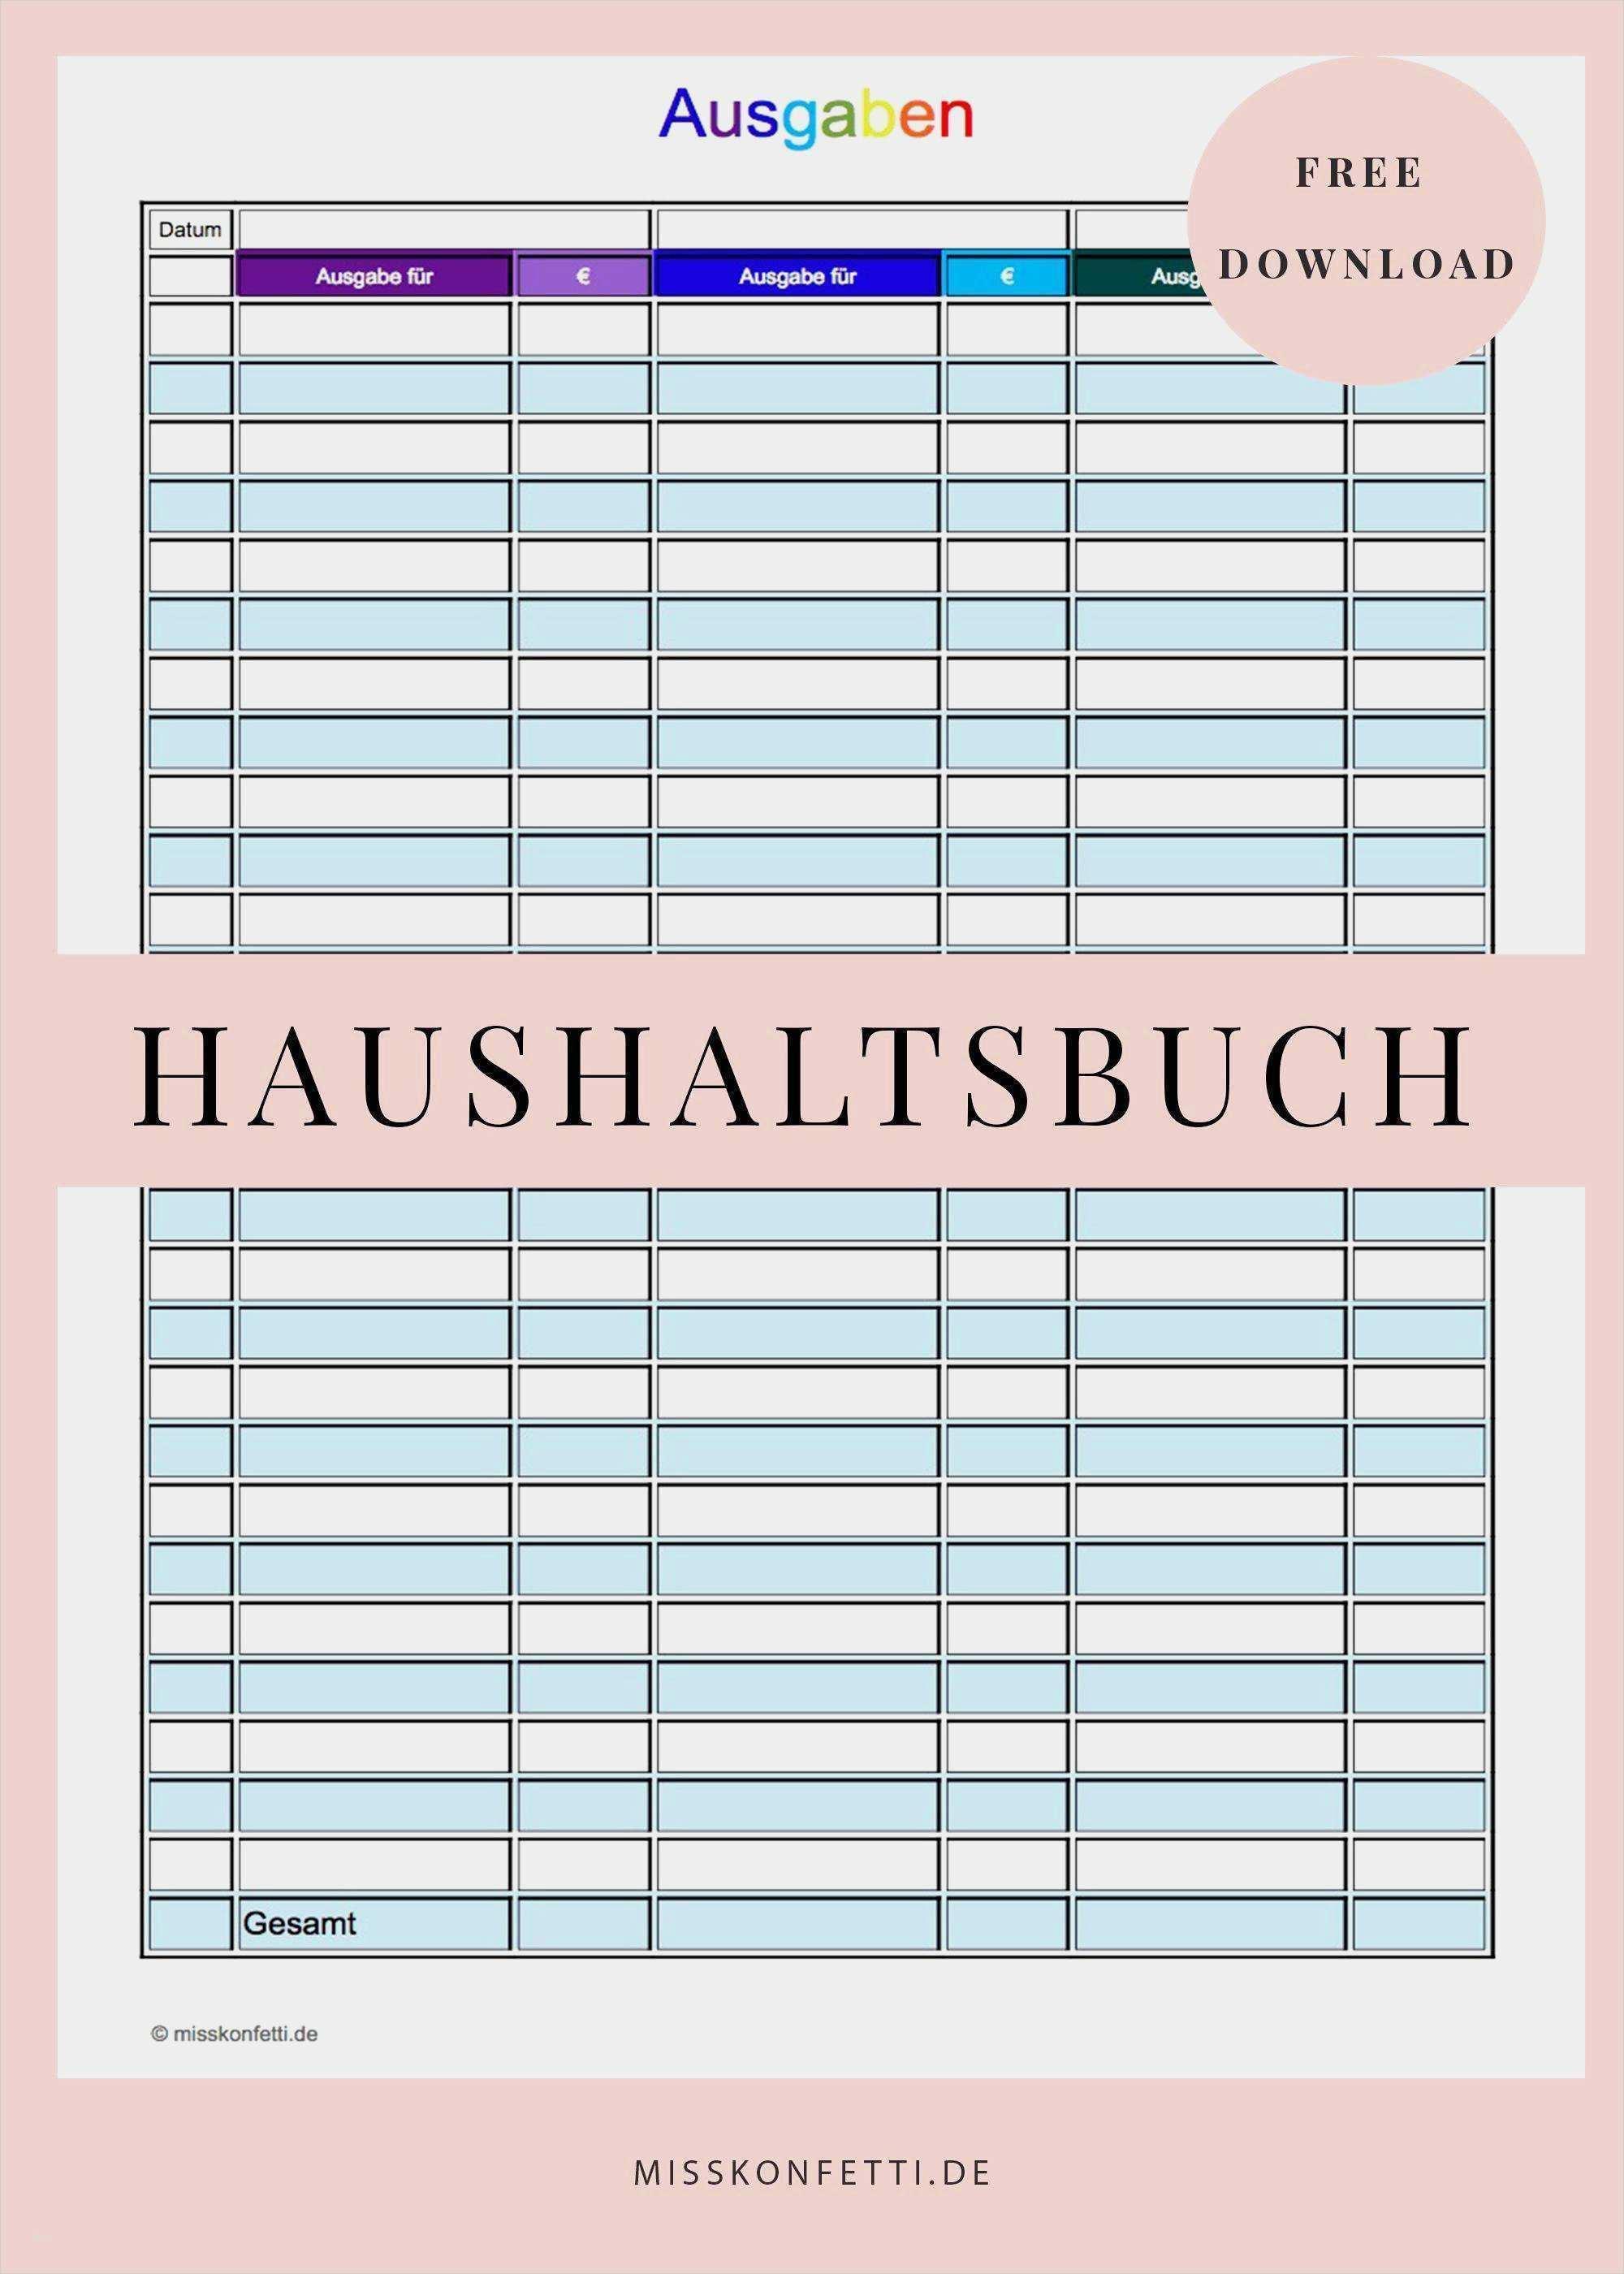 40 Genial Eur Vorlage Kostenlos Modelle In 2020 Haushaltsbuch Haushaltsbuch Vorlage Haushaltsbuch Excel Vorlage